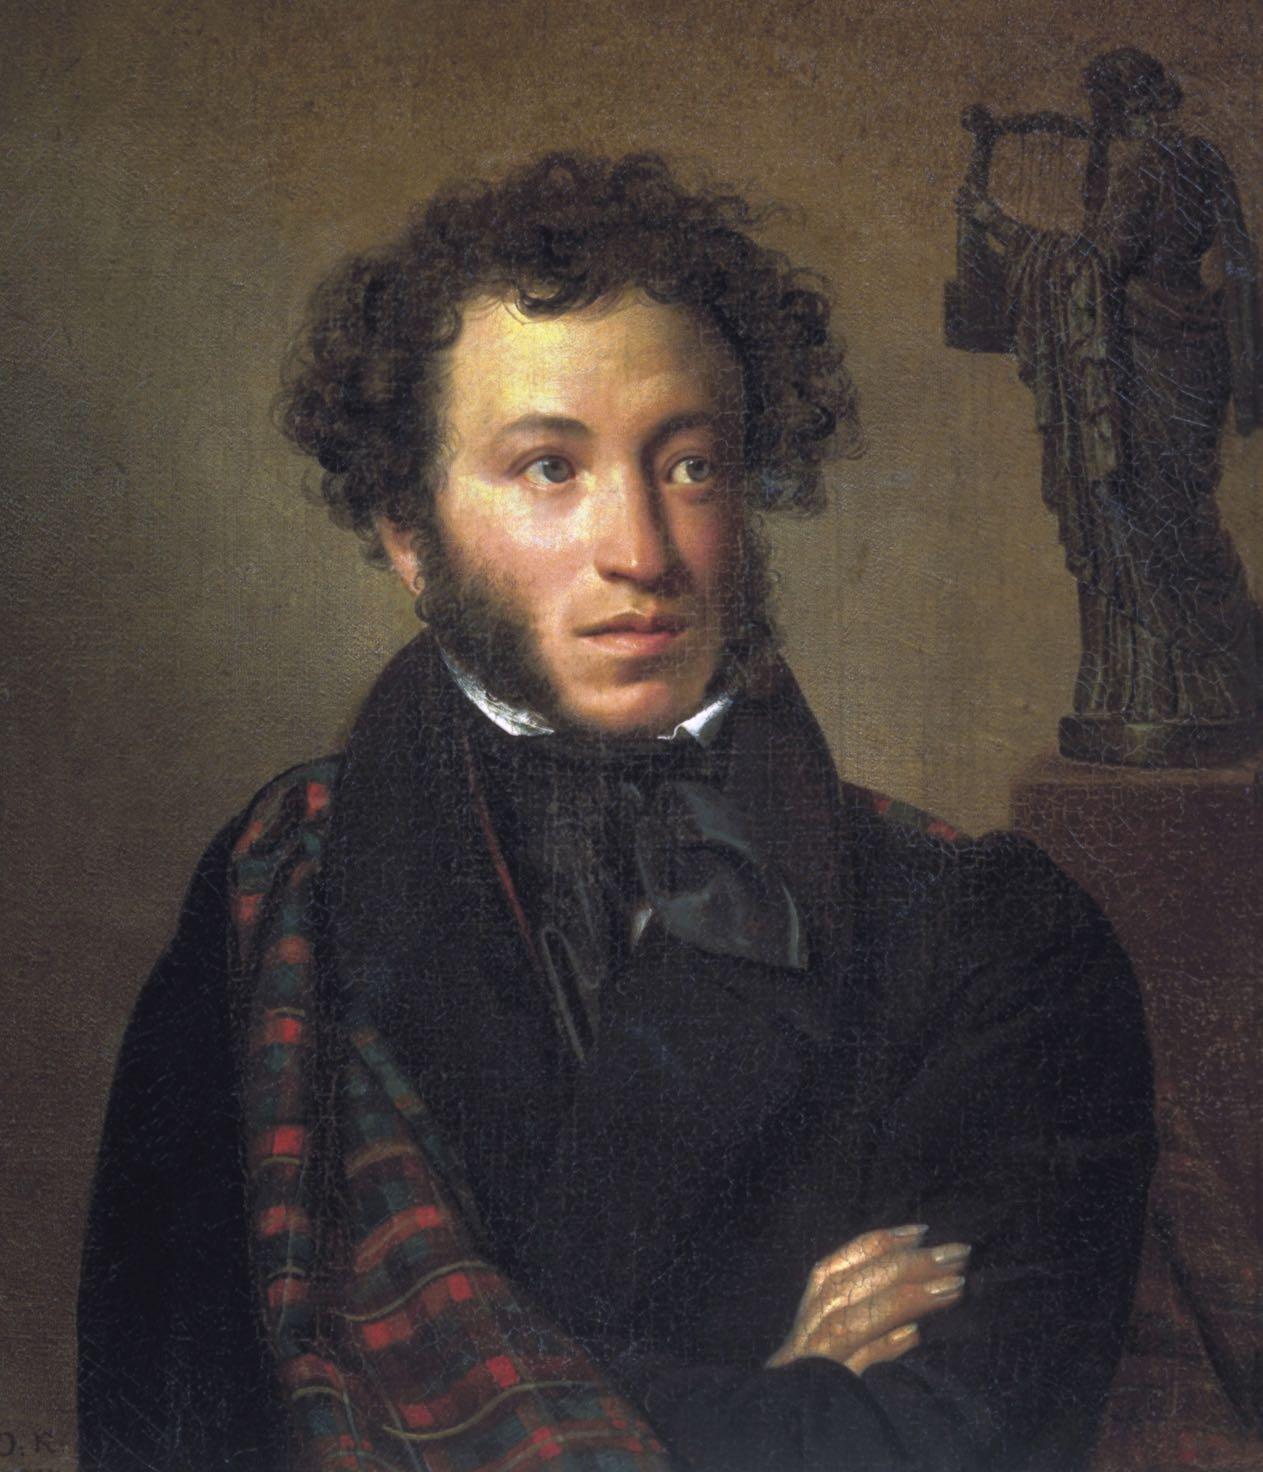 К дню рождения Александра Сергеевича Пушкина